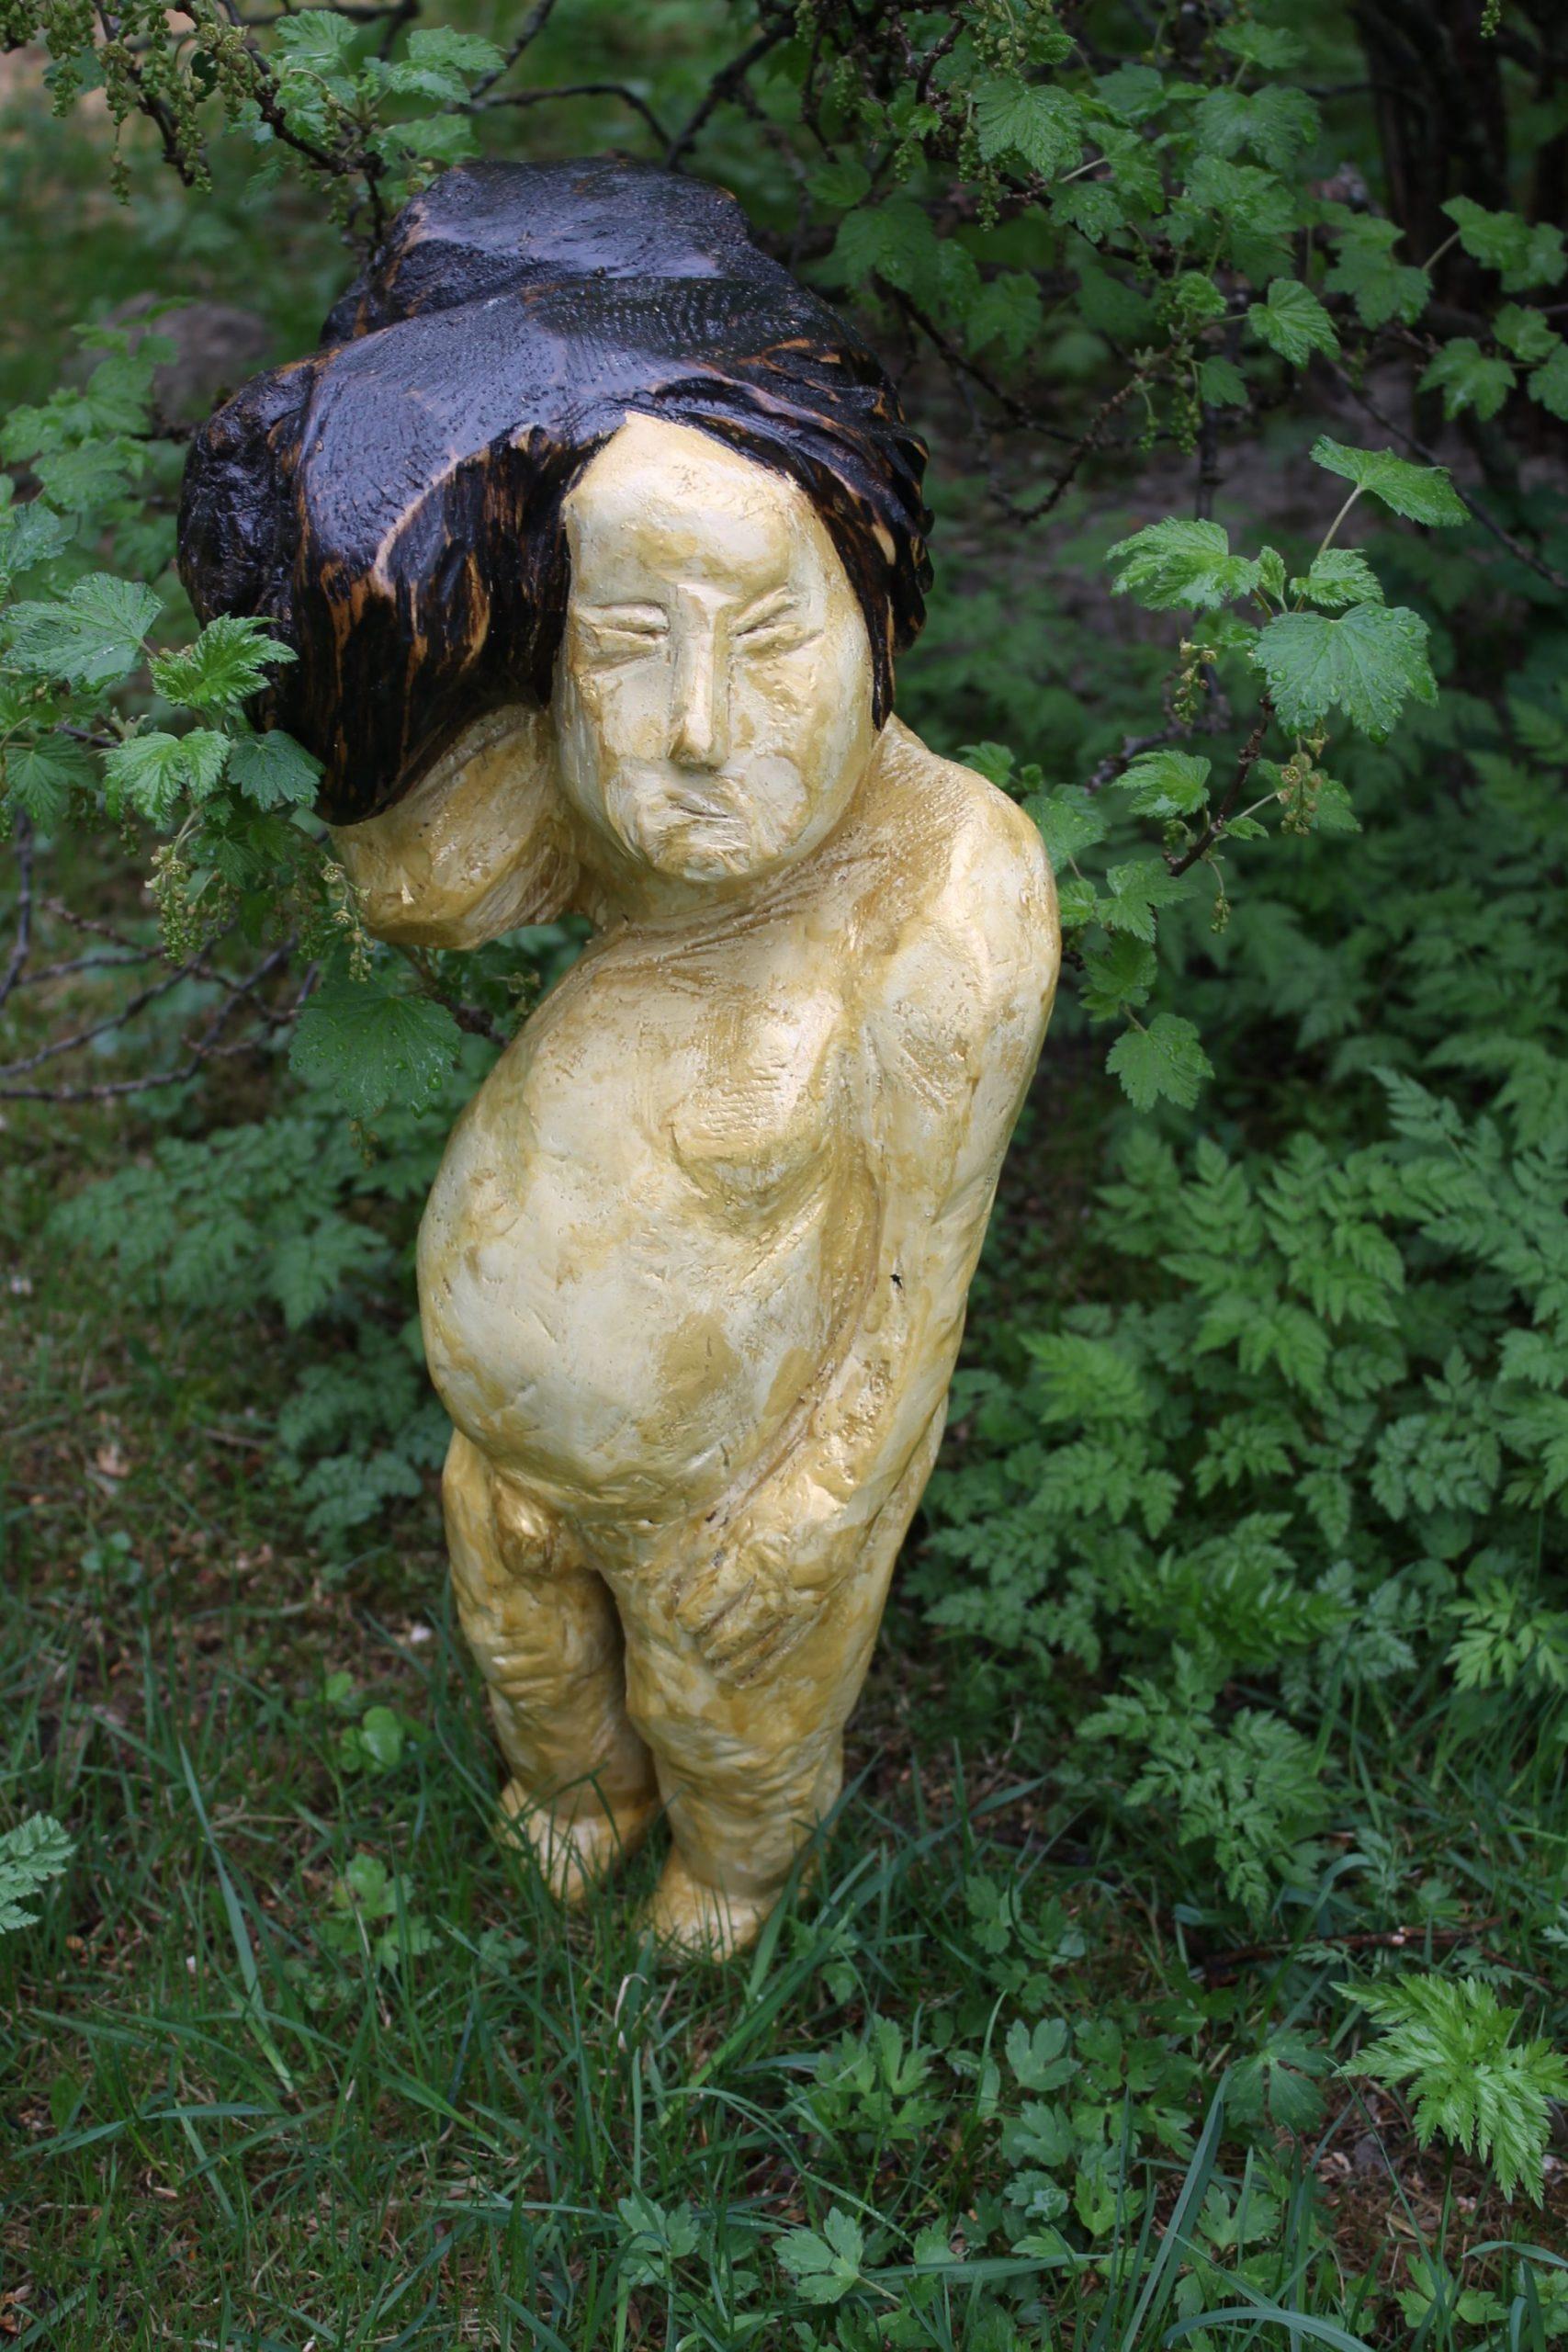 Veistos, joka esittää alastonta poikaa.